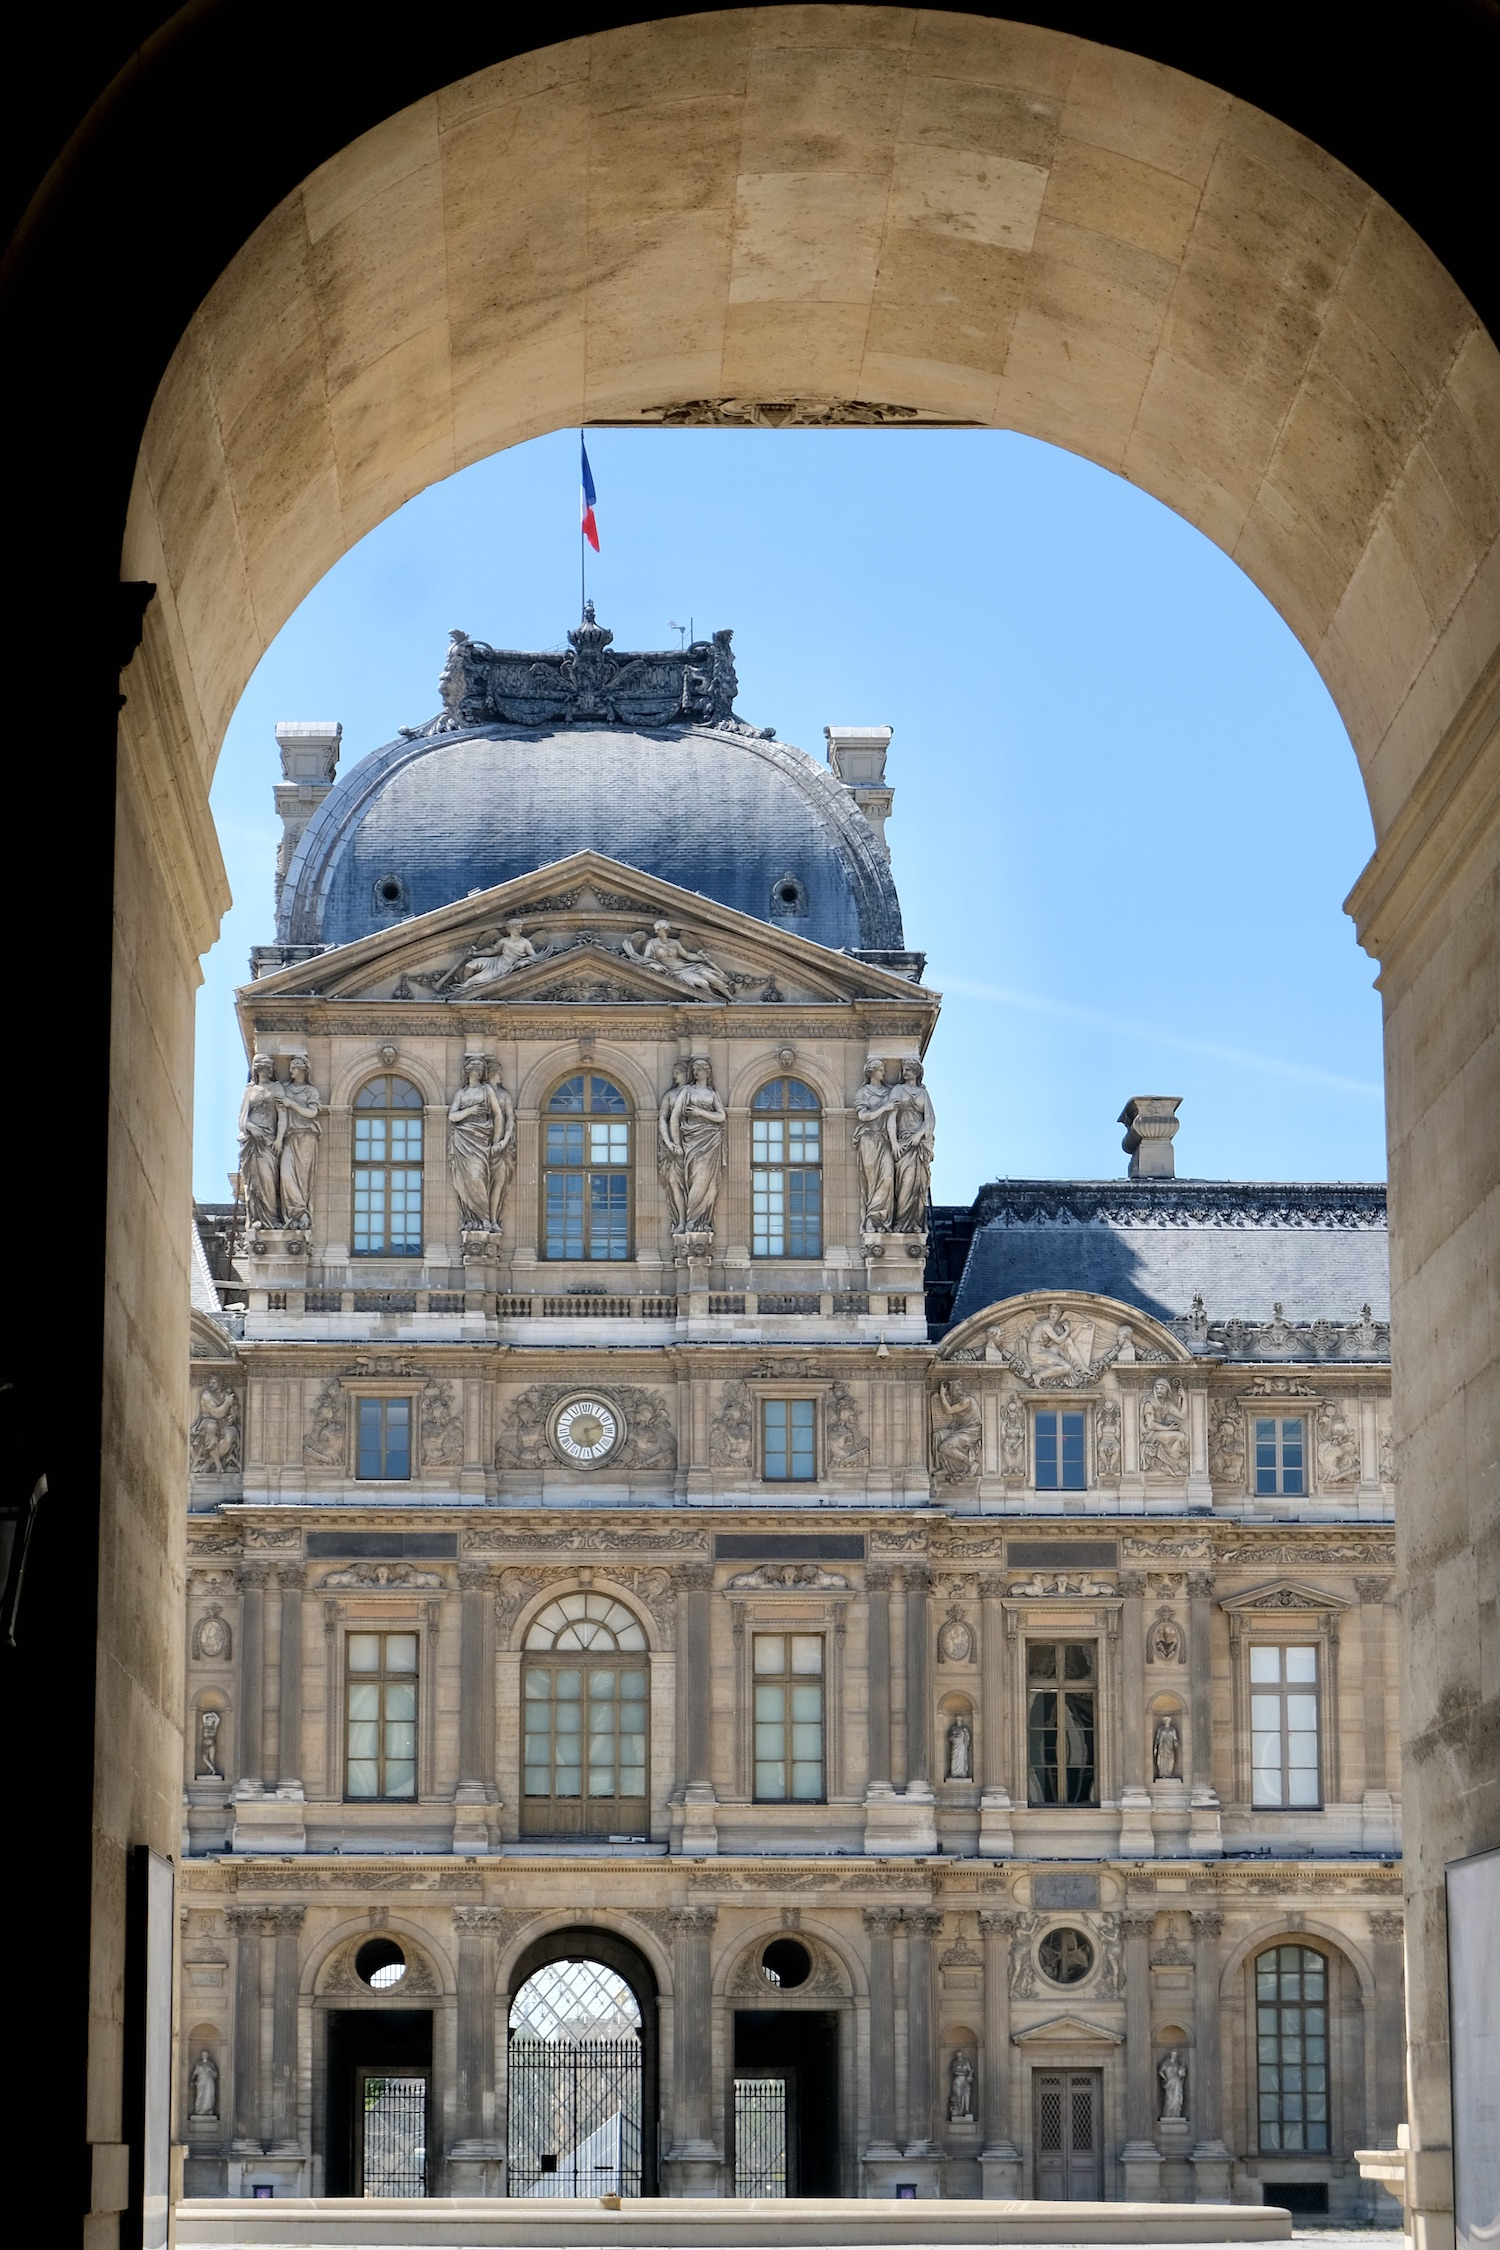 Louvre Cour Carrée